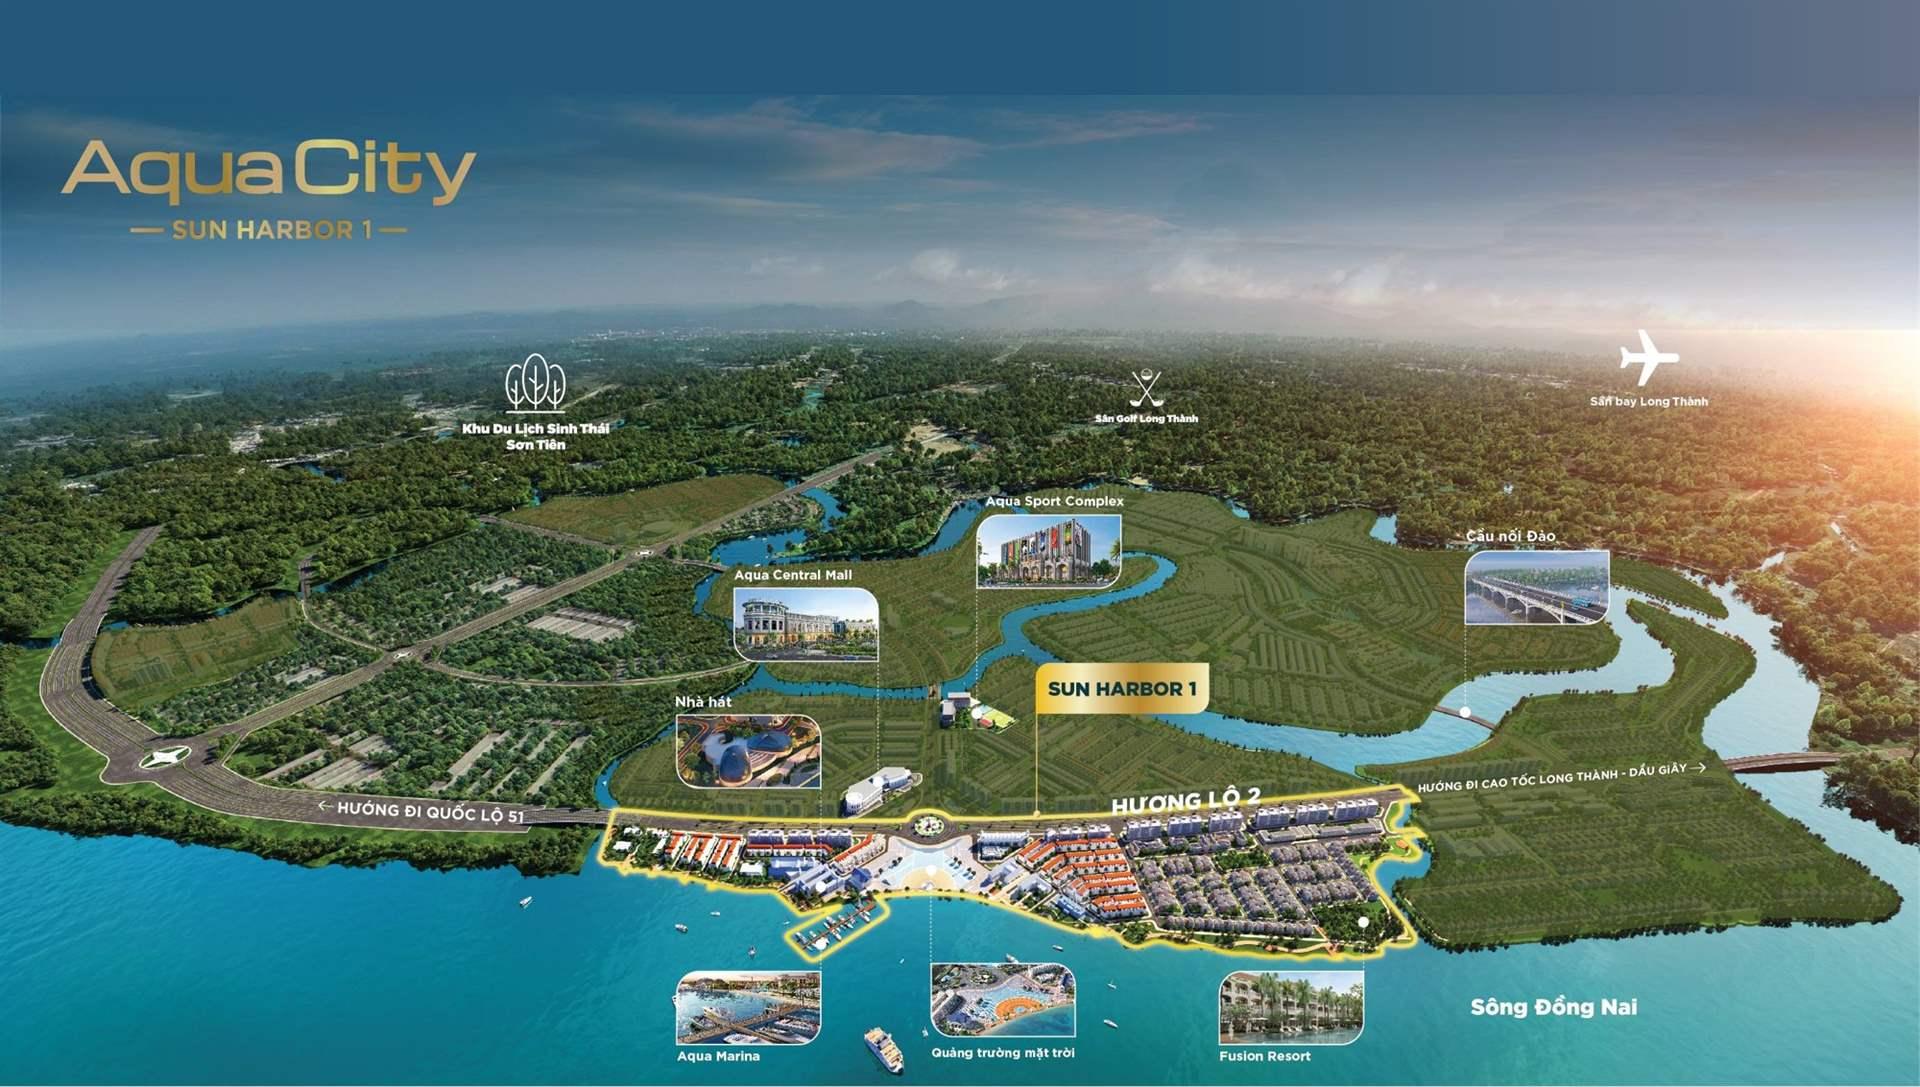 Sun Harbor 1 với điêm nhấn siêu độc đáo Bến Du Thuyền Marina tỷ đô